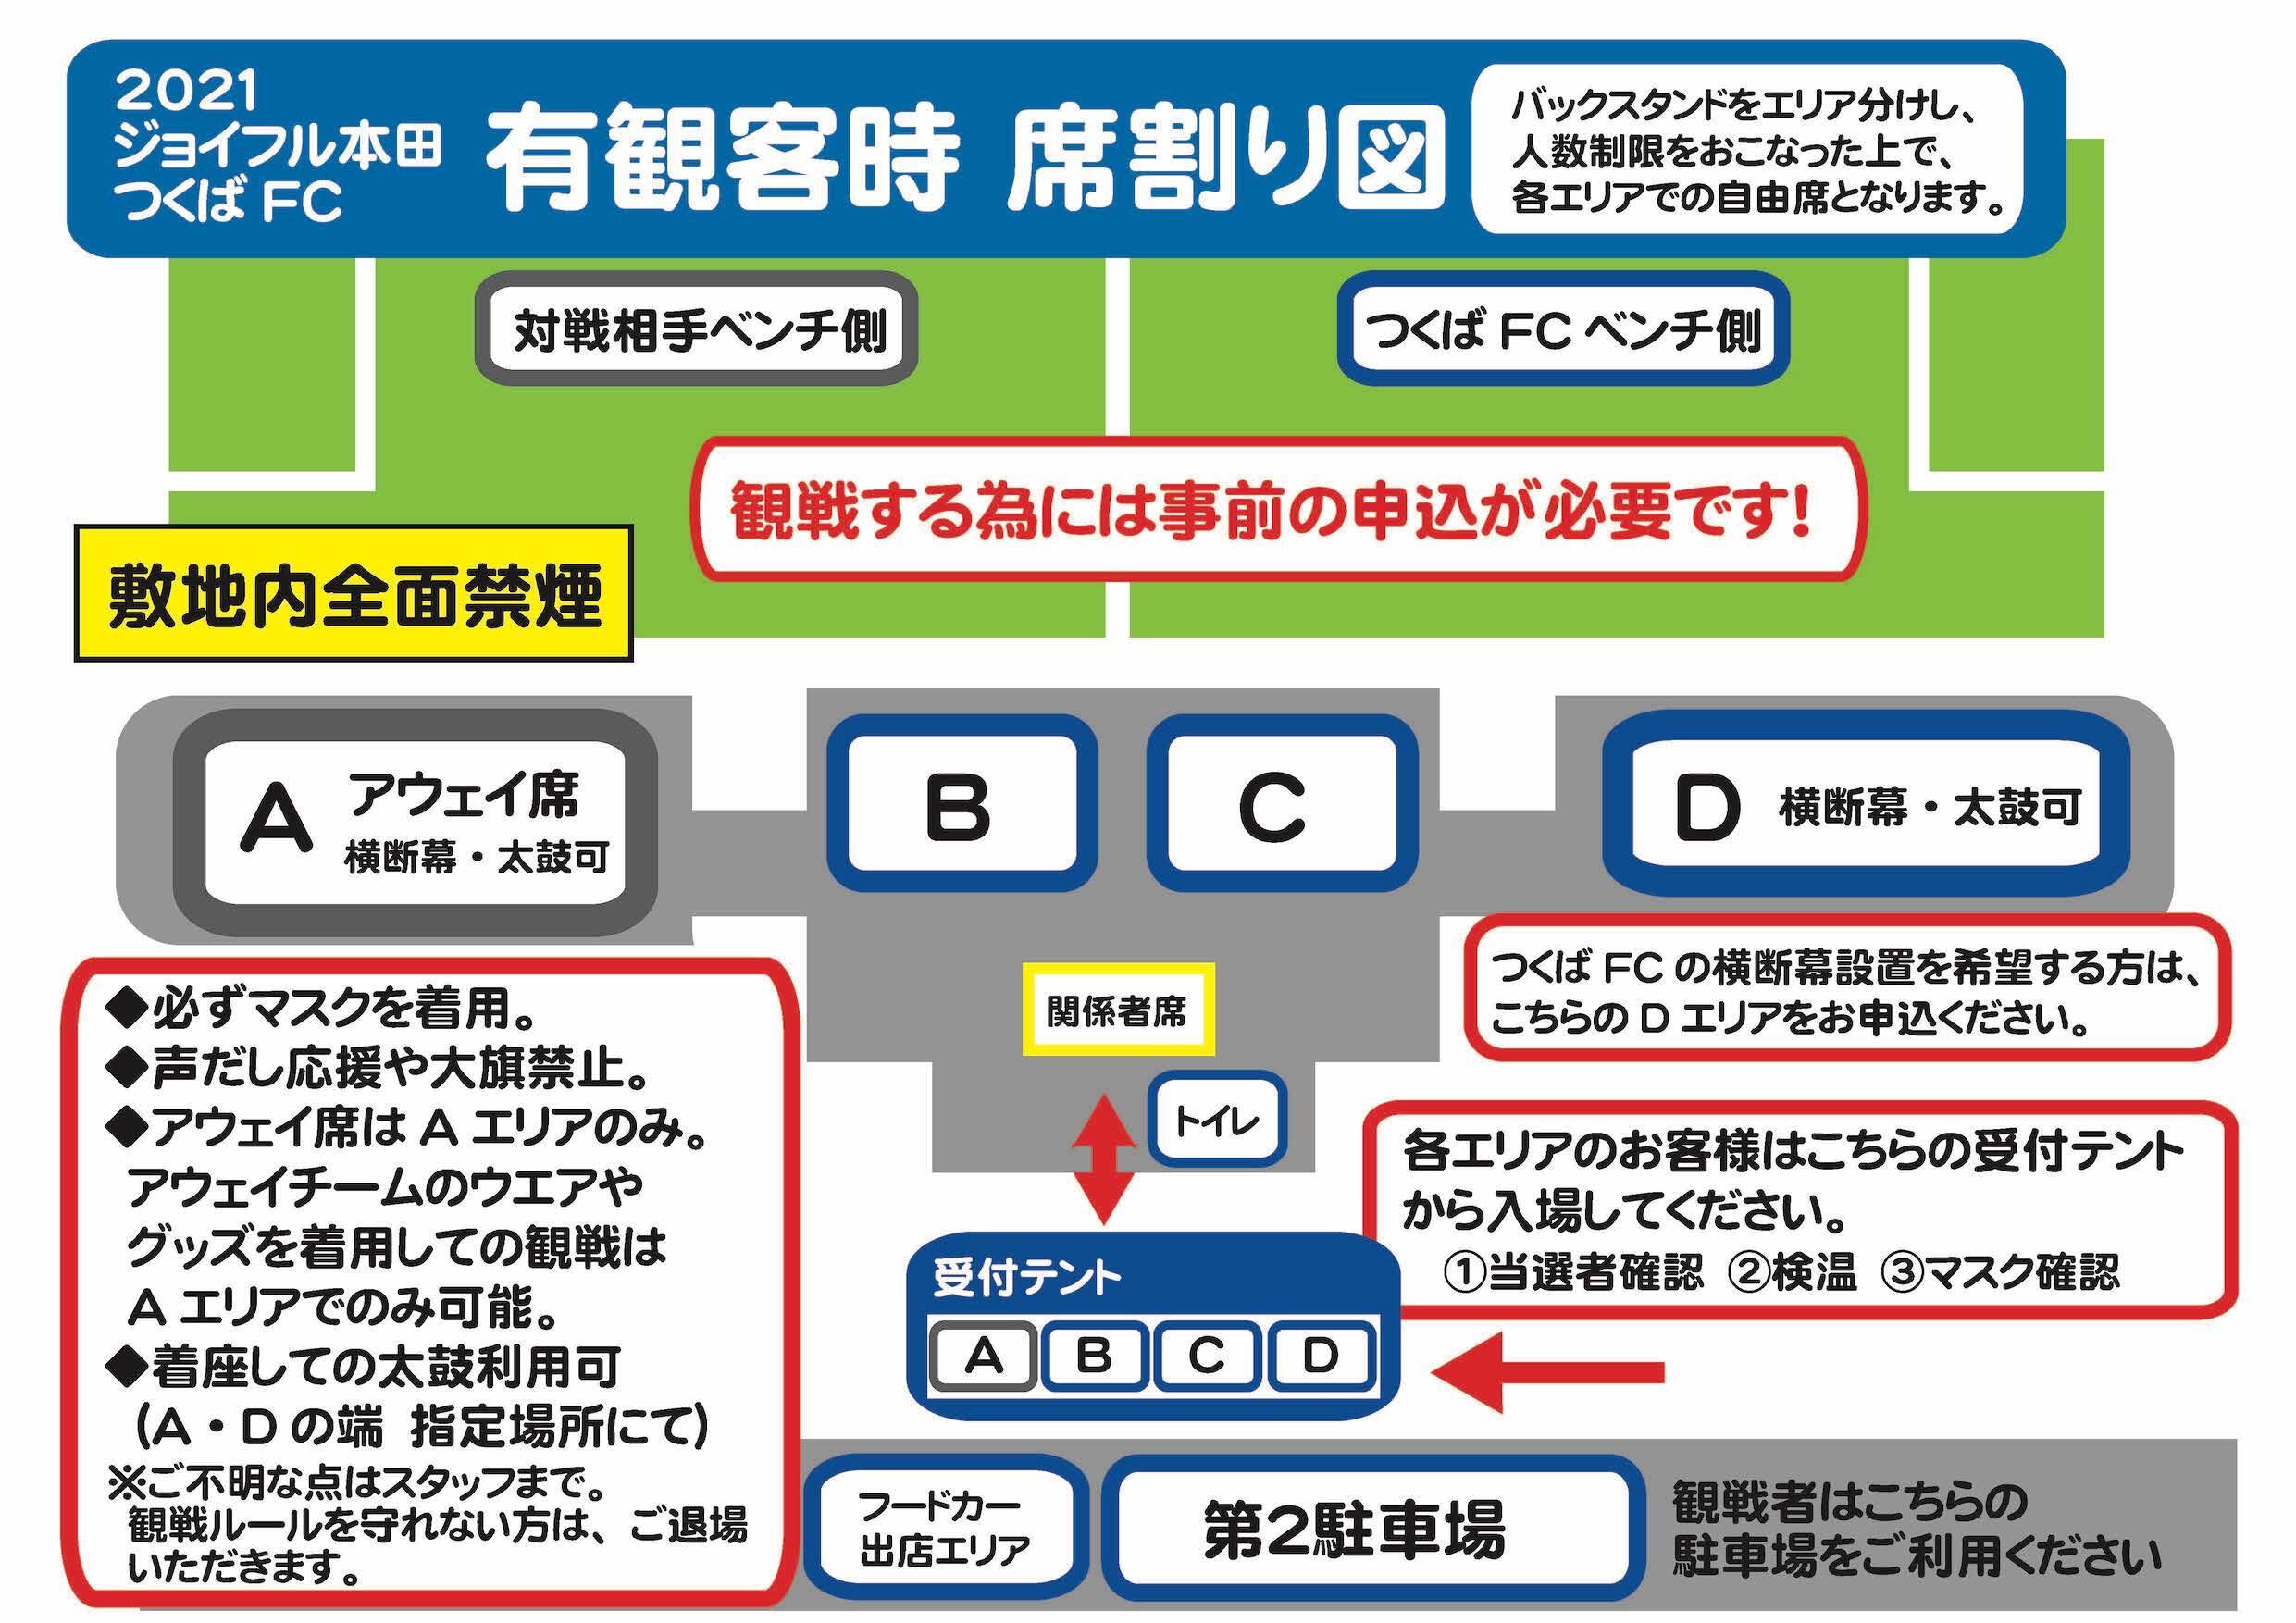 https://www.tsukuba-fc.com/info/res/images/info/91557fe34a9c19644f3f5a73e65ee863a9fbe682.jpg